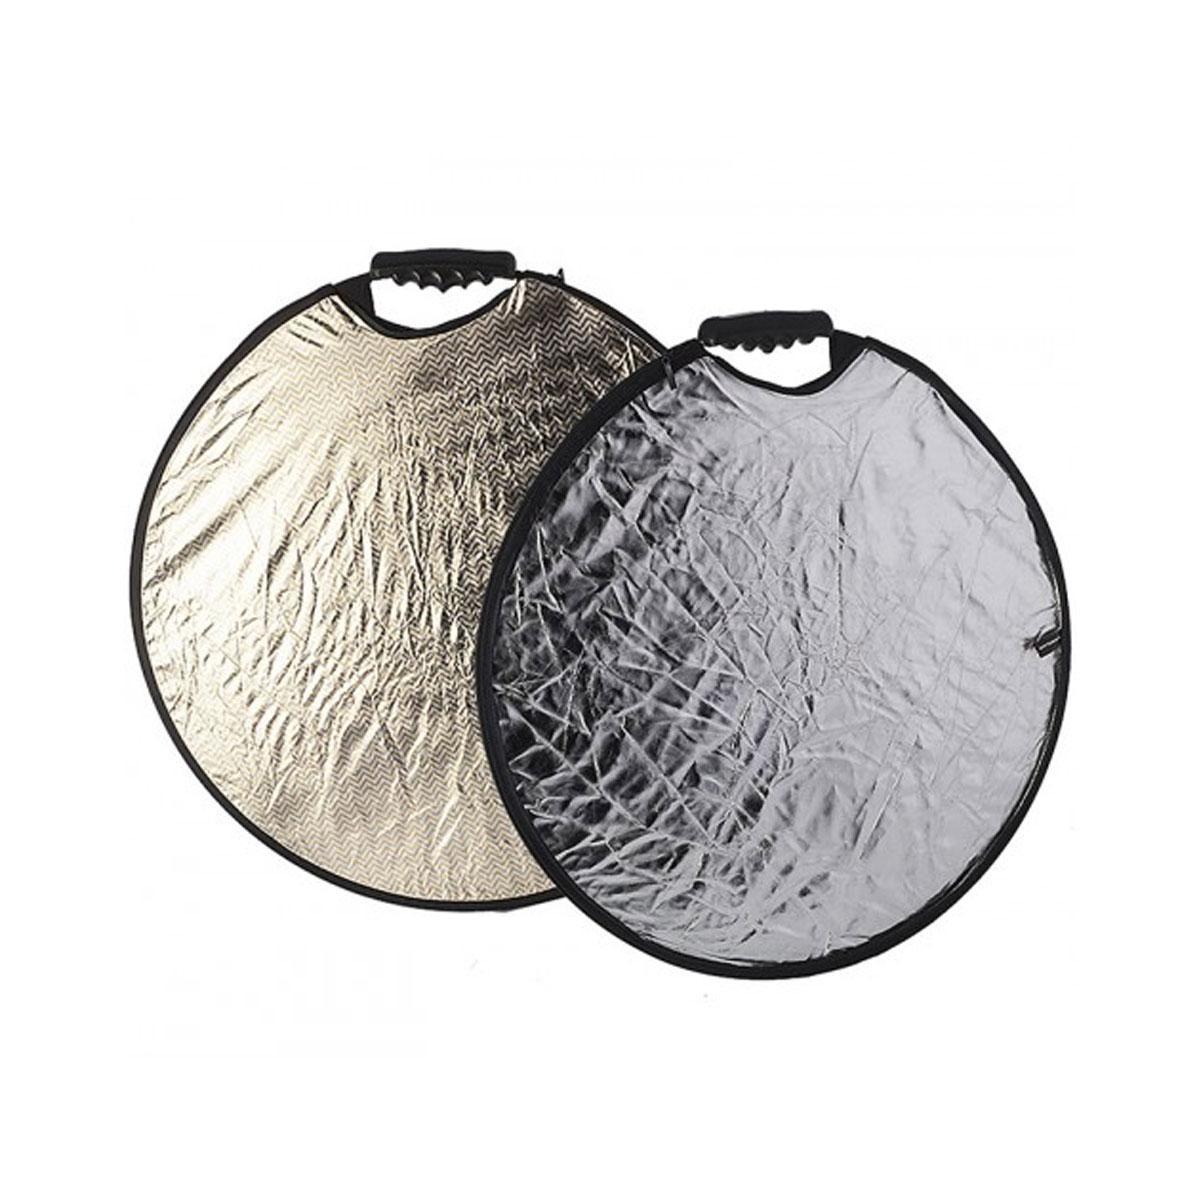 Lencarta Redline Pro 5 in 1 – 110cm heijastin kahvalla